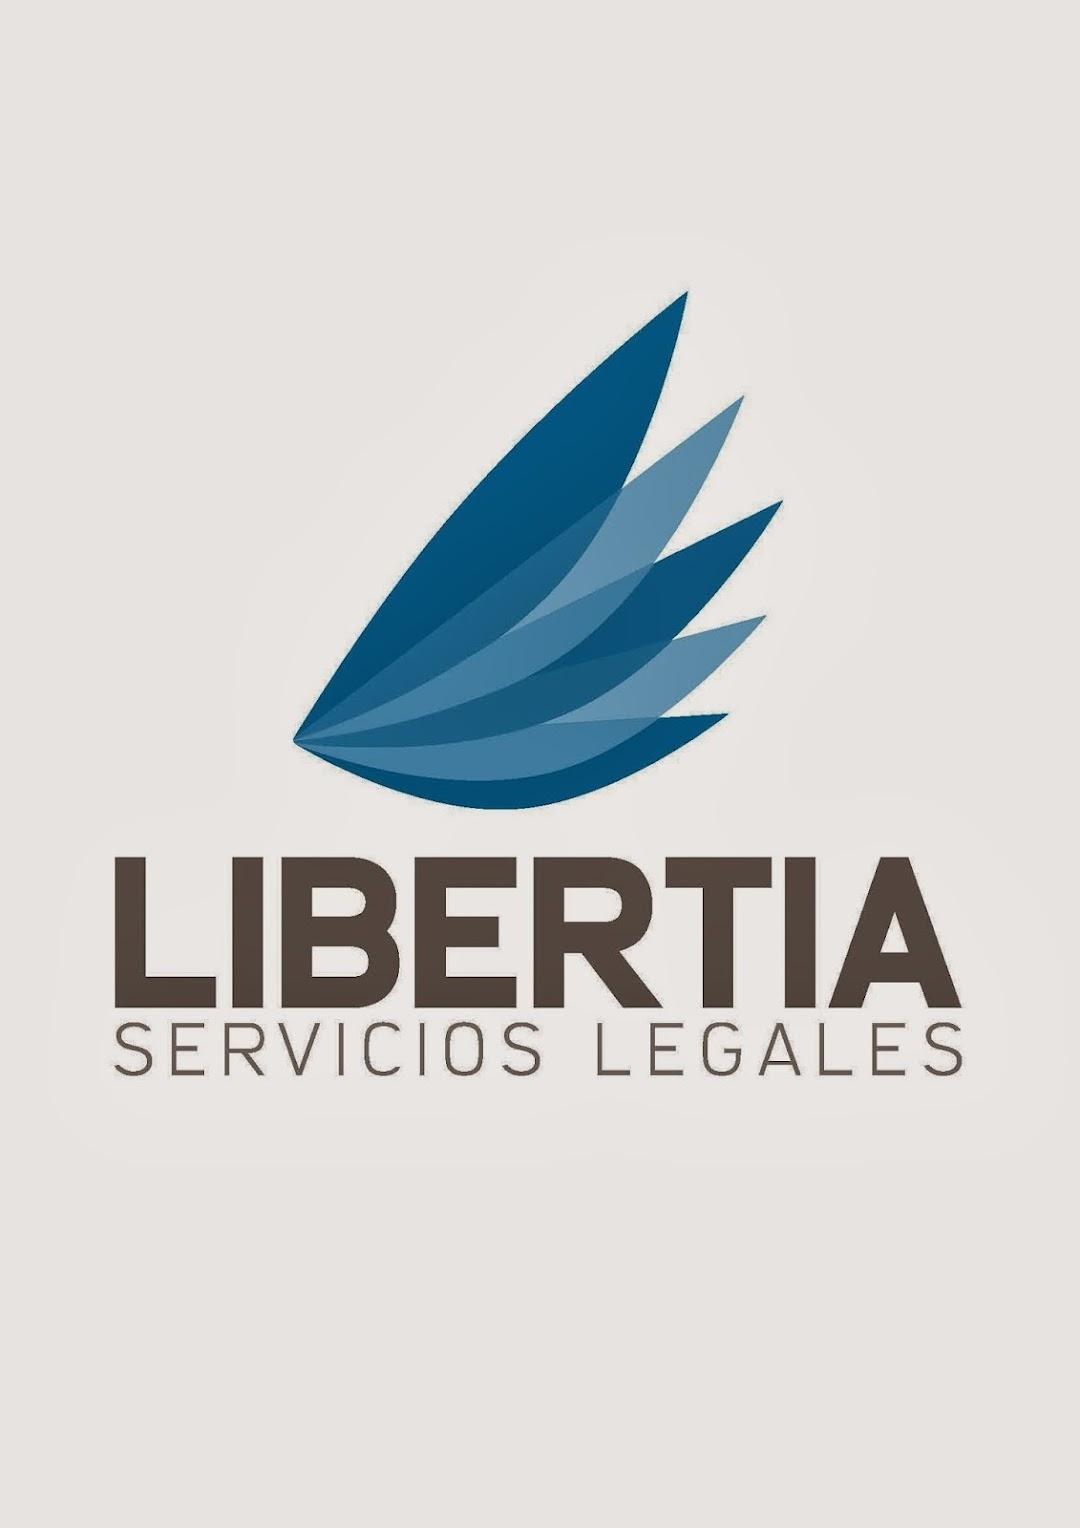 Libertia Servicios Legales - ABOGADO Córdoba